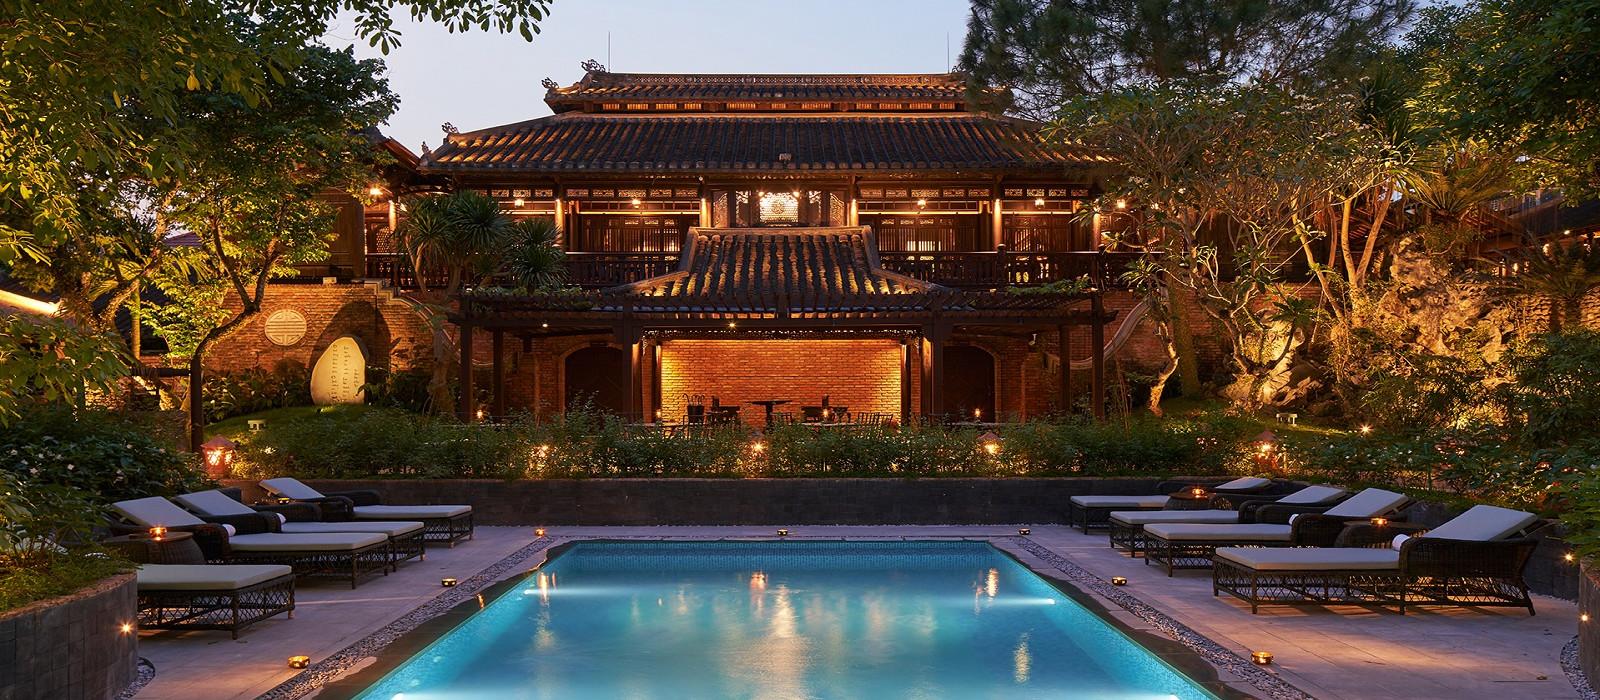 Hotel Ancient Hue Garden Houses Vietnam